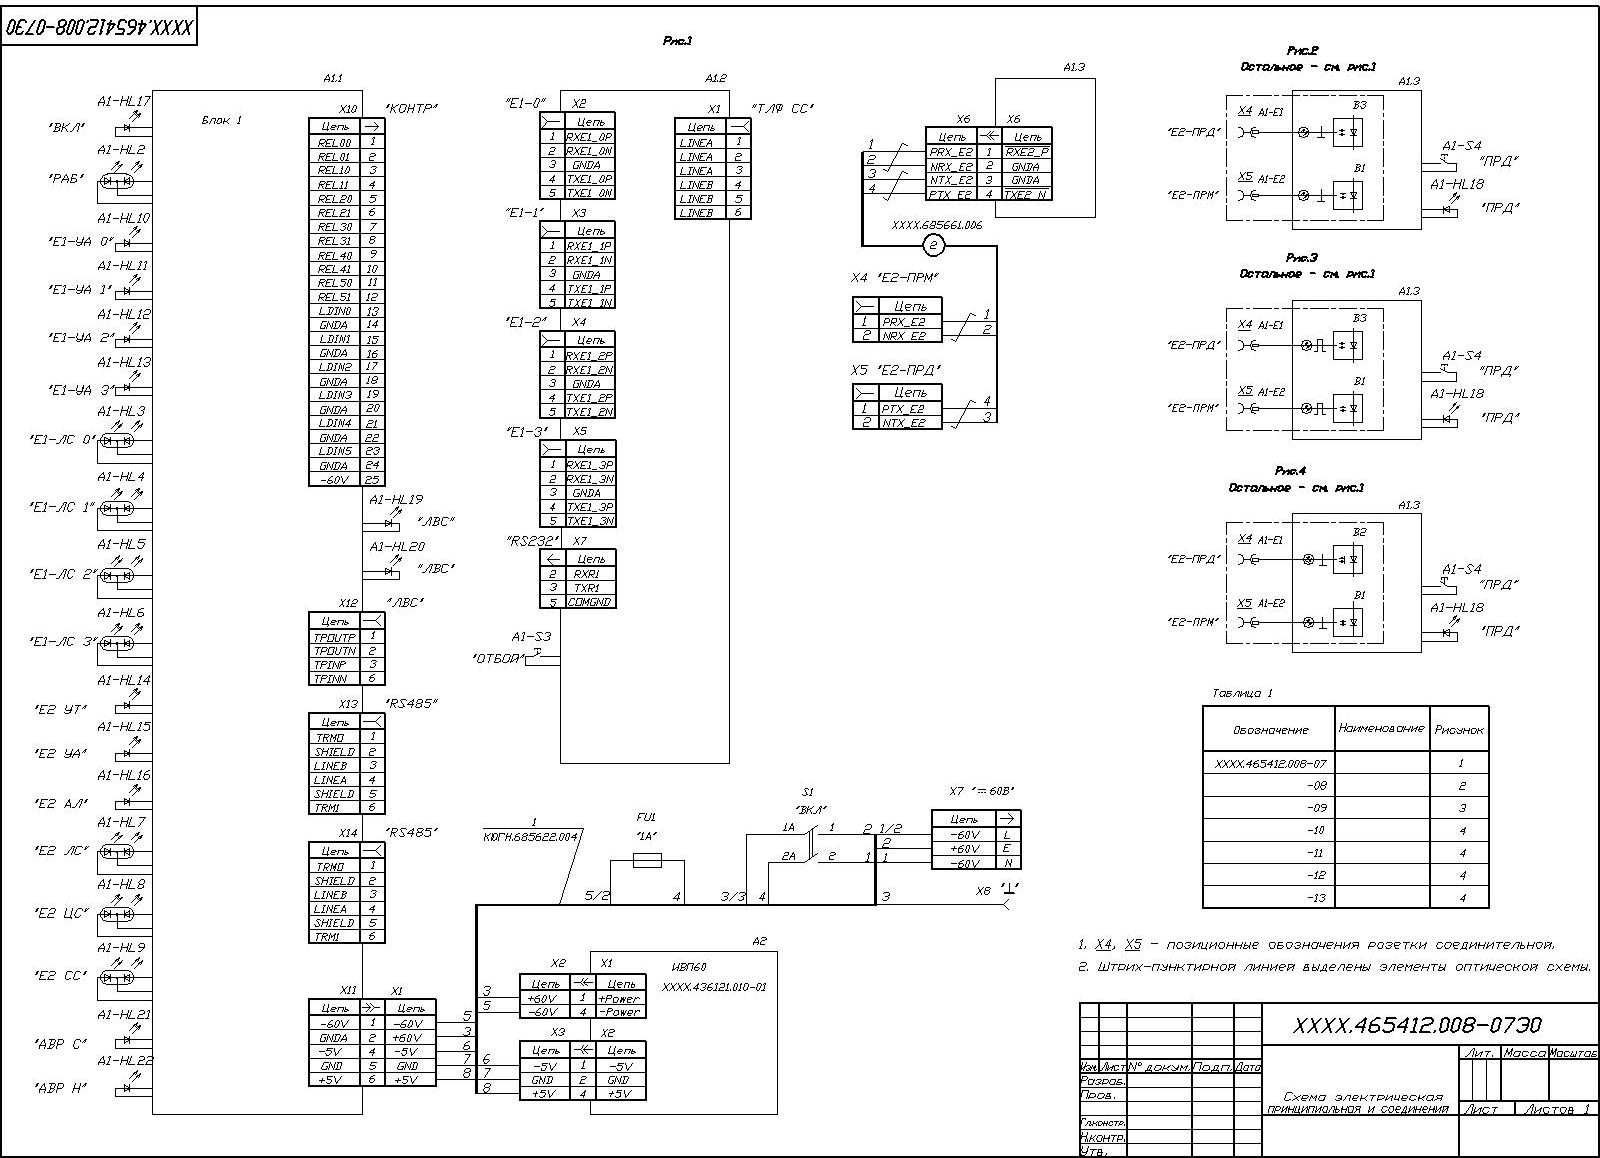 Проверка исправности электрооборудования и смонтированных цепей | наладка электроустановок | архивы | книги